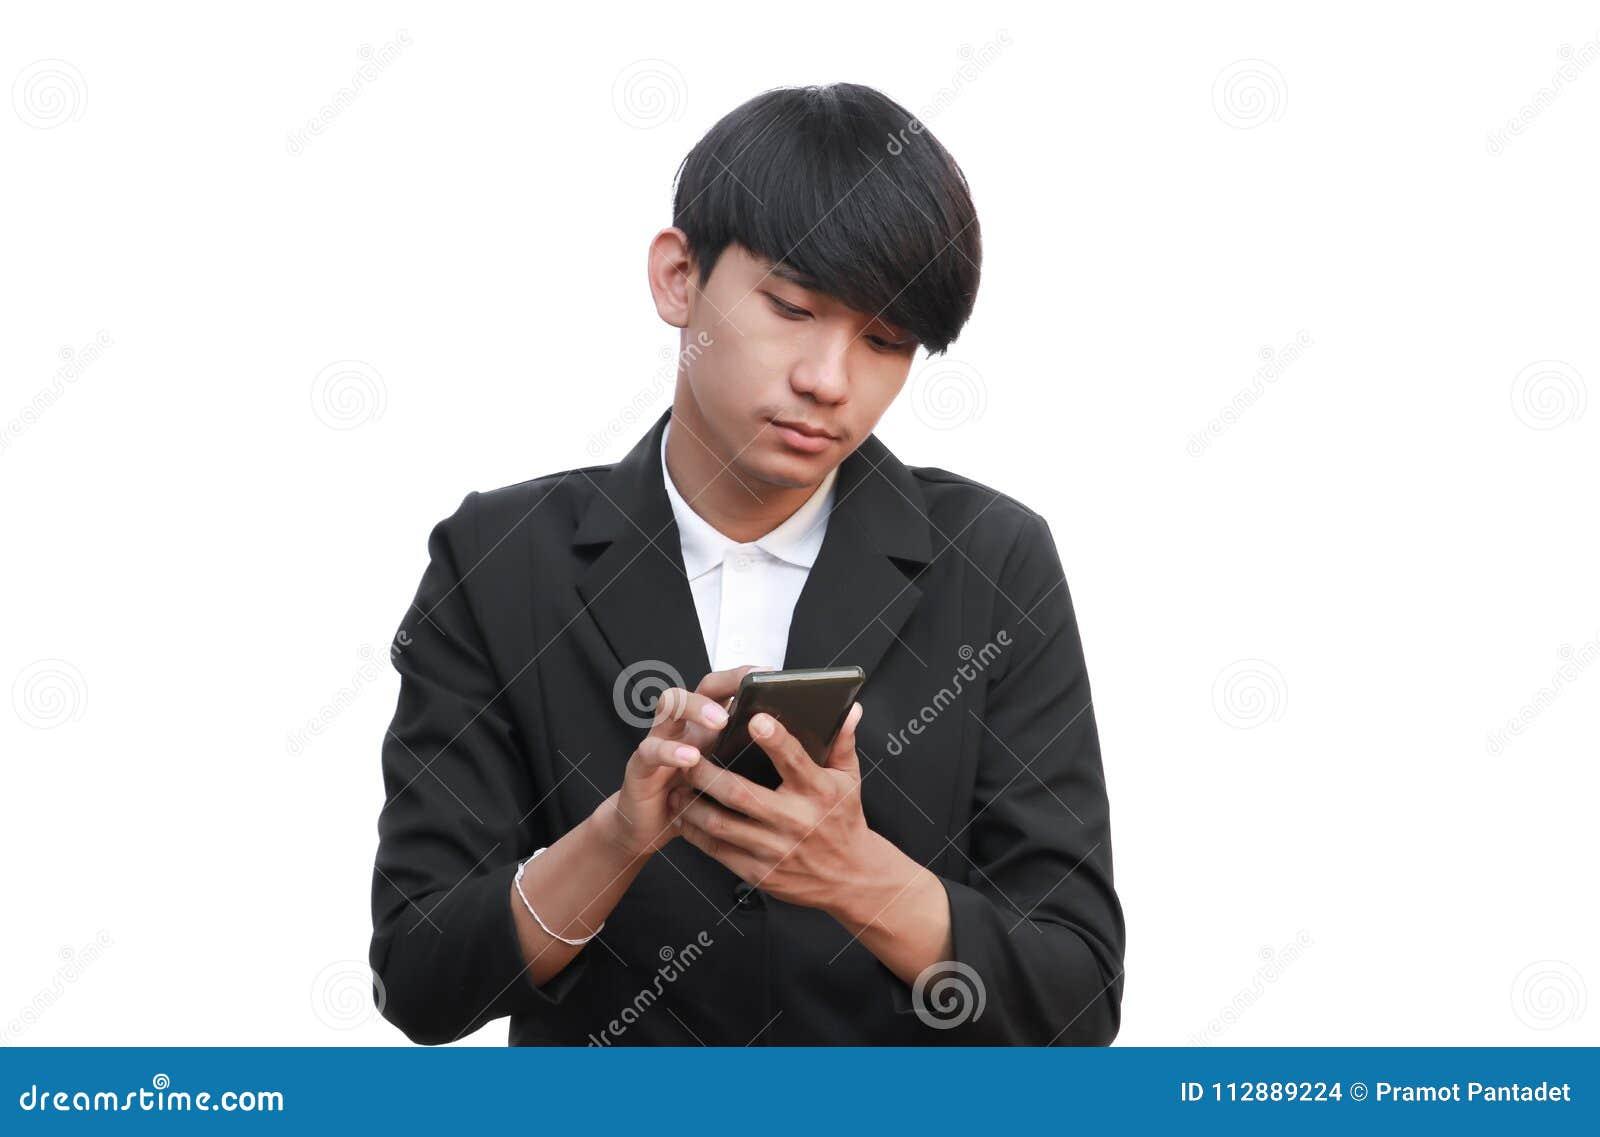 Młody przystojny biznesmena chwyt rozmowa telefonicza na białym tle